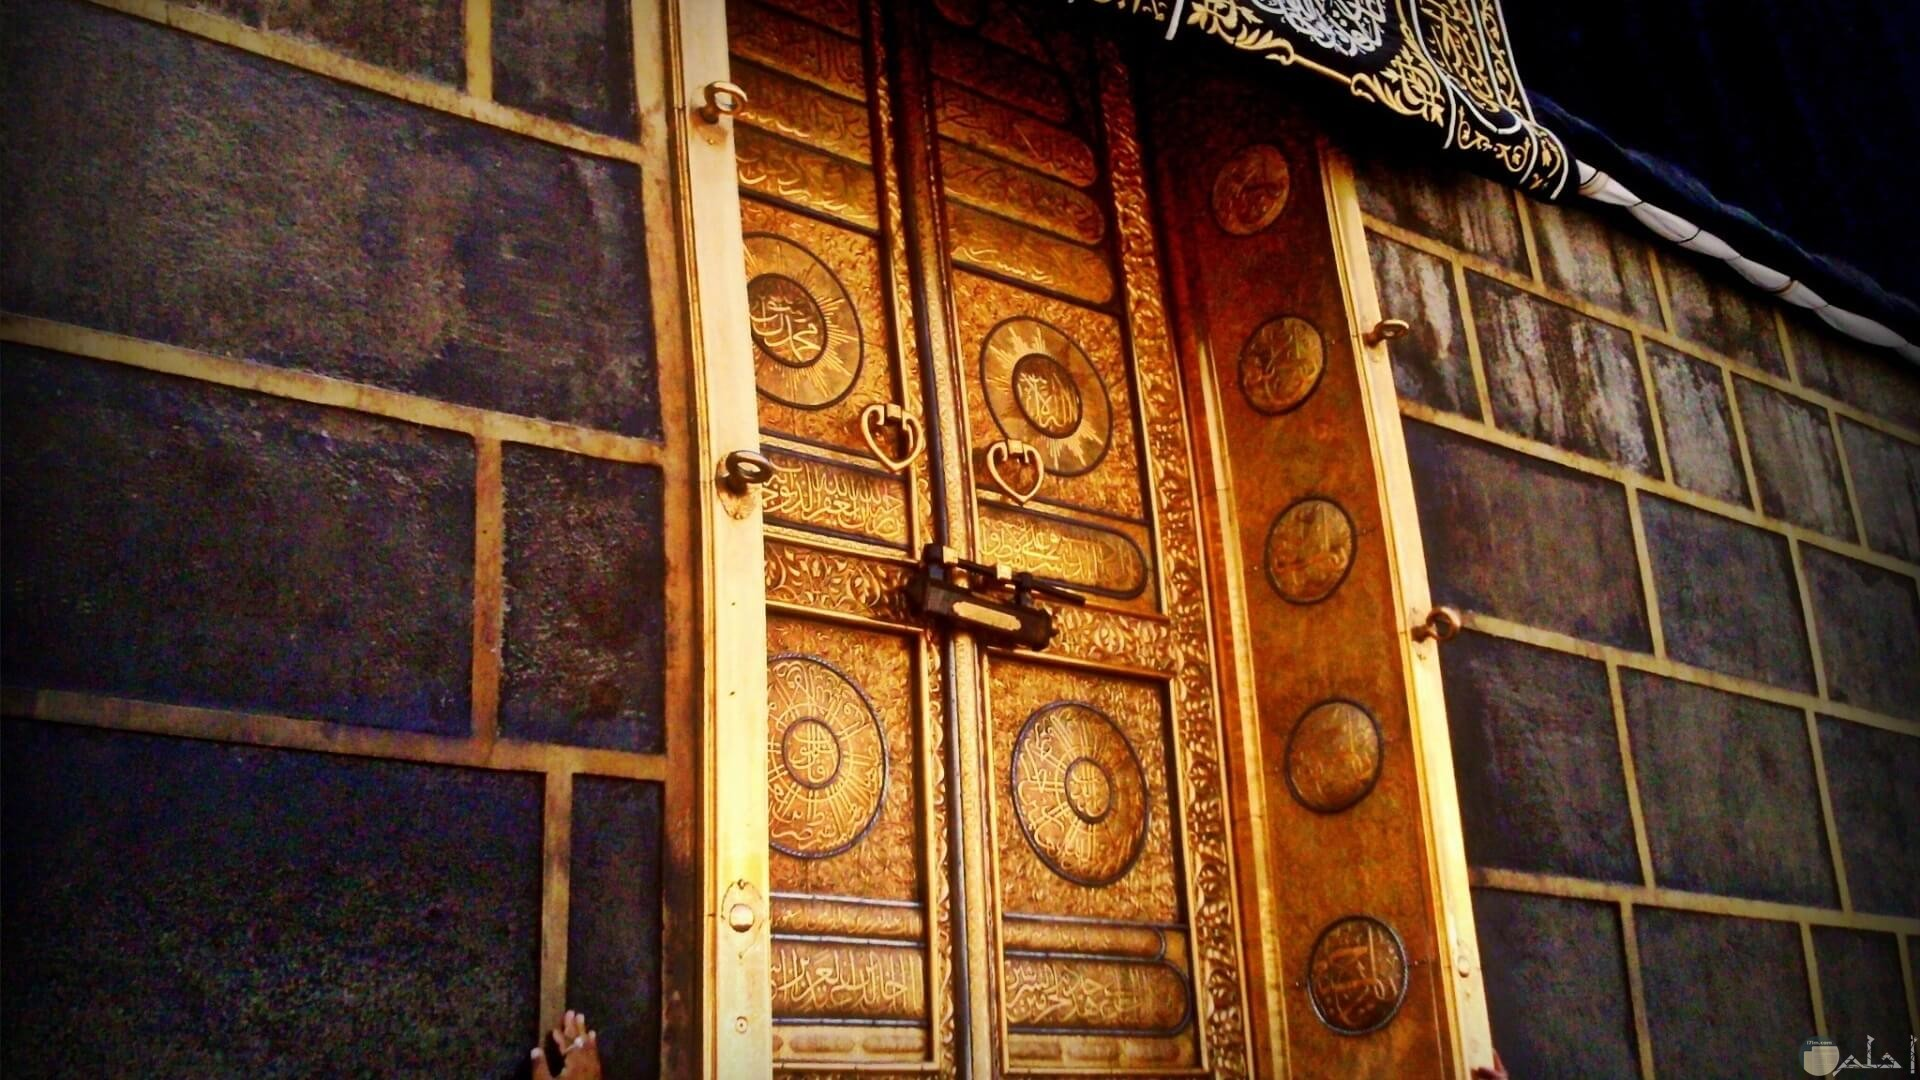 باب الكعبة من أجمل اللقطات.